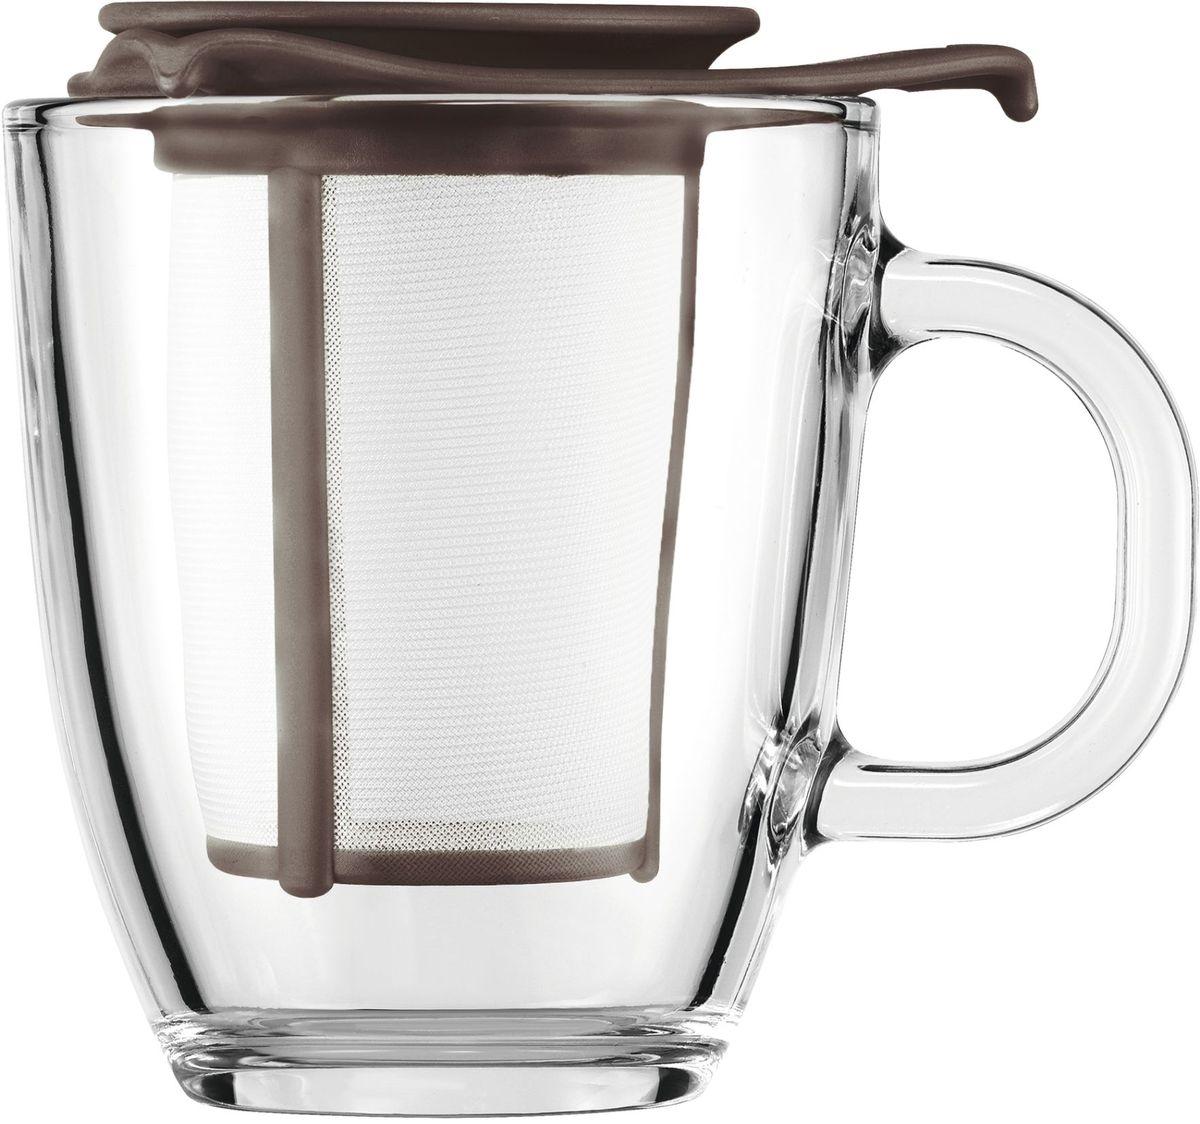 Набор кружек с фильтром Bodum YO-YO, цвет: коричневый. AK11239-618-Y1654 009312Набор кружек с фильтром Bodum YO-YO - это удобная возможность заварить ароматный вкусный чай любого сорта на одну персону. Объемная кружка Yo-Yo имеет фильтр, в который засыпается чай. Как и в заварочный чайник, наливаем в кружку кипяток и плотно накрываем ее крышкой. Через прозрачное боросиликатное стекло можно наблюдать, как красиво заваривается чай. Когда процесс приготовления окончен, фильтр можно поставить на крышку и наслаждаться любимым напитком.